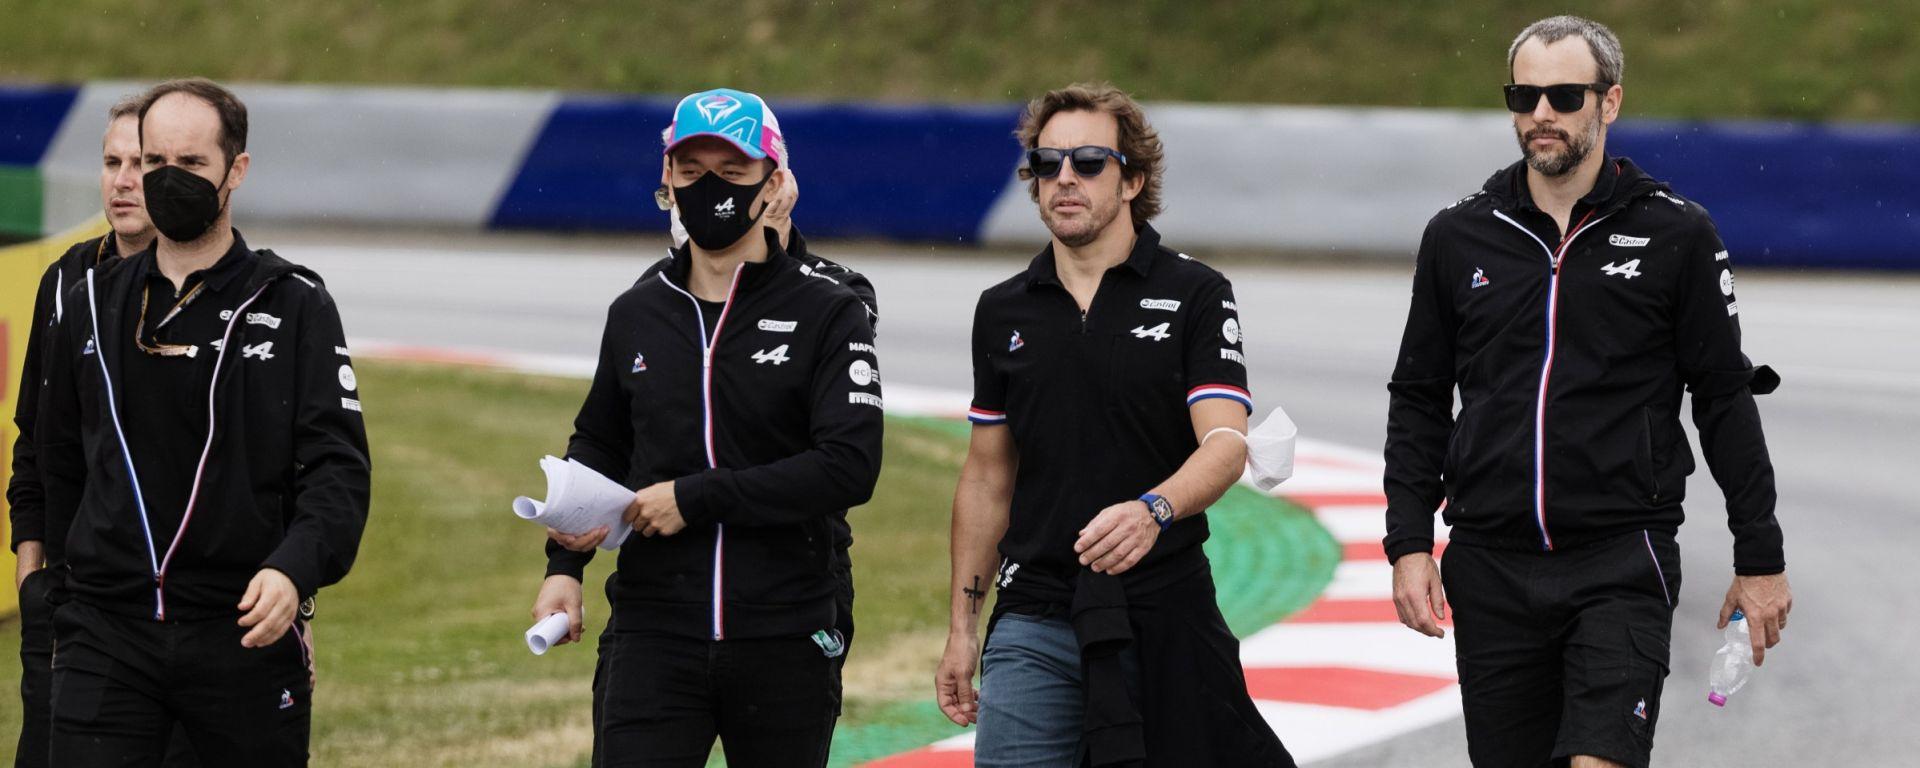 F1, GP Austria 2021: Fernando Alonso durante la track walk